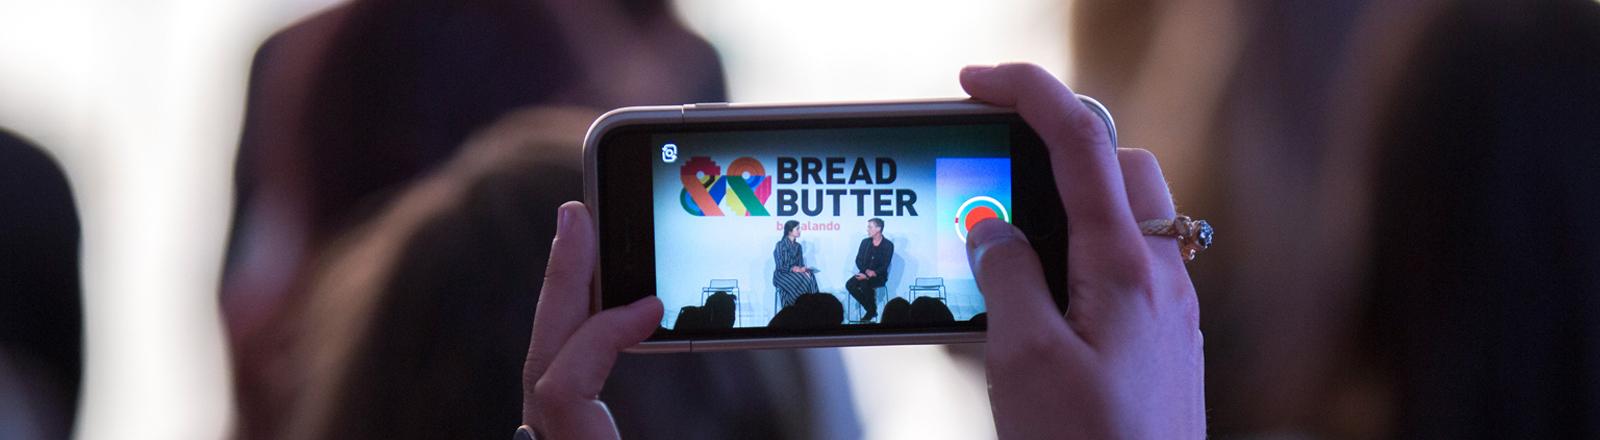 Auf einem Handy ist das Logo von Bread and Butter zusehen